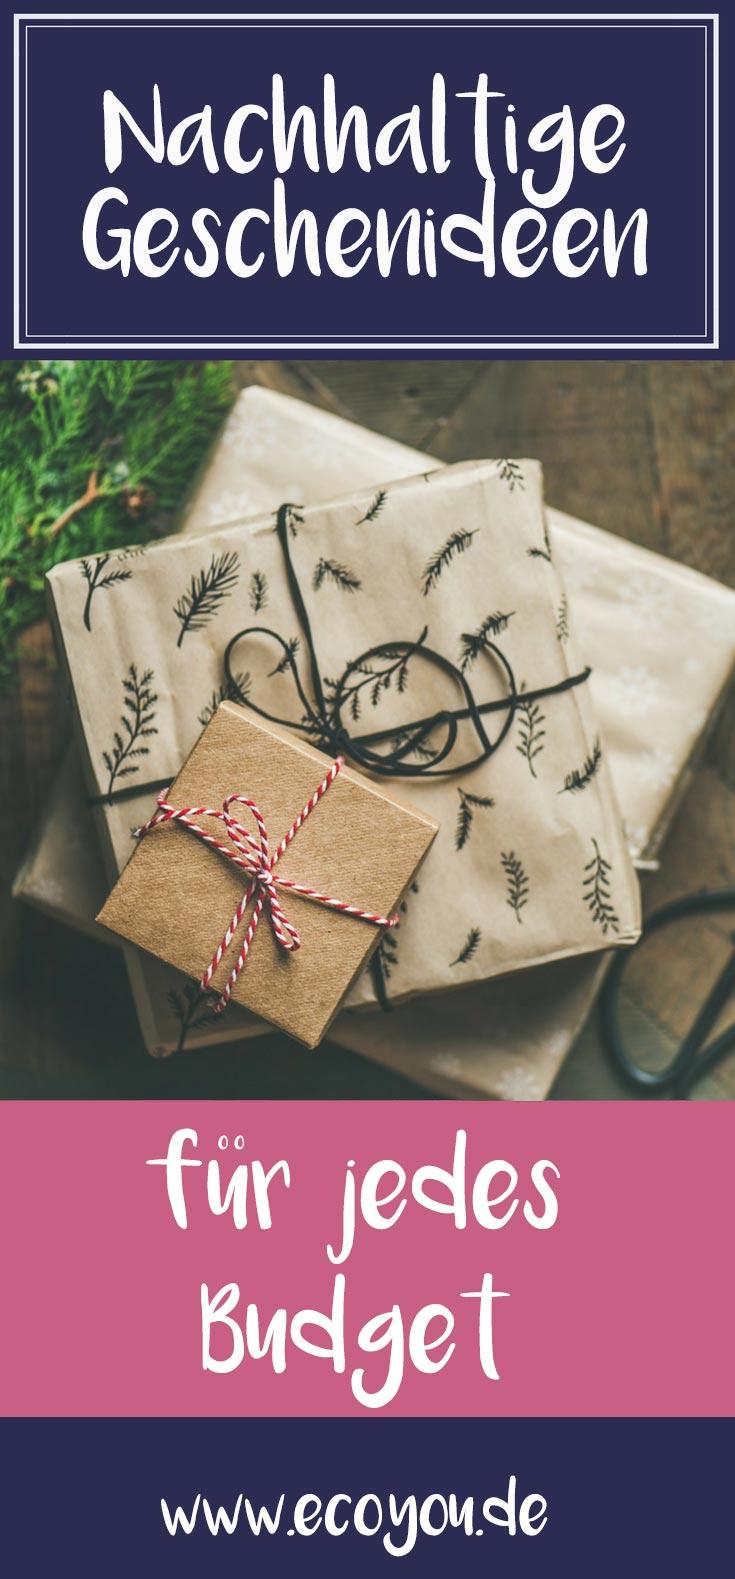 Nachhaltige-Geschenke fuer Frauen Kinder Männer Freund Sinnvolle Geschenkideen alternative Geschenke für jeden Anlass Geburtstag Hochzeit Weihnachten